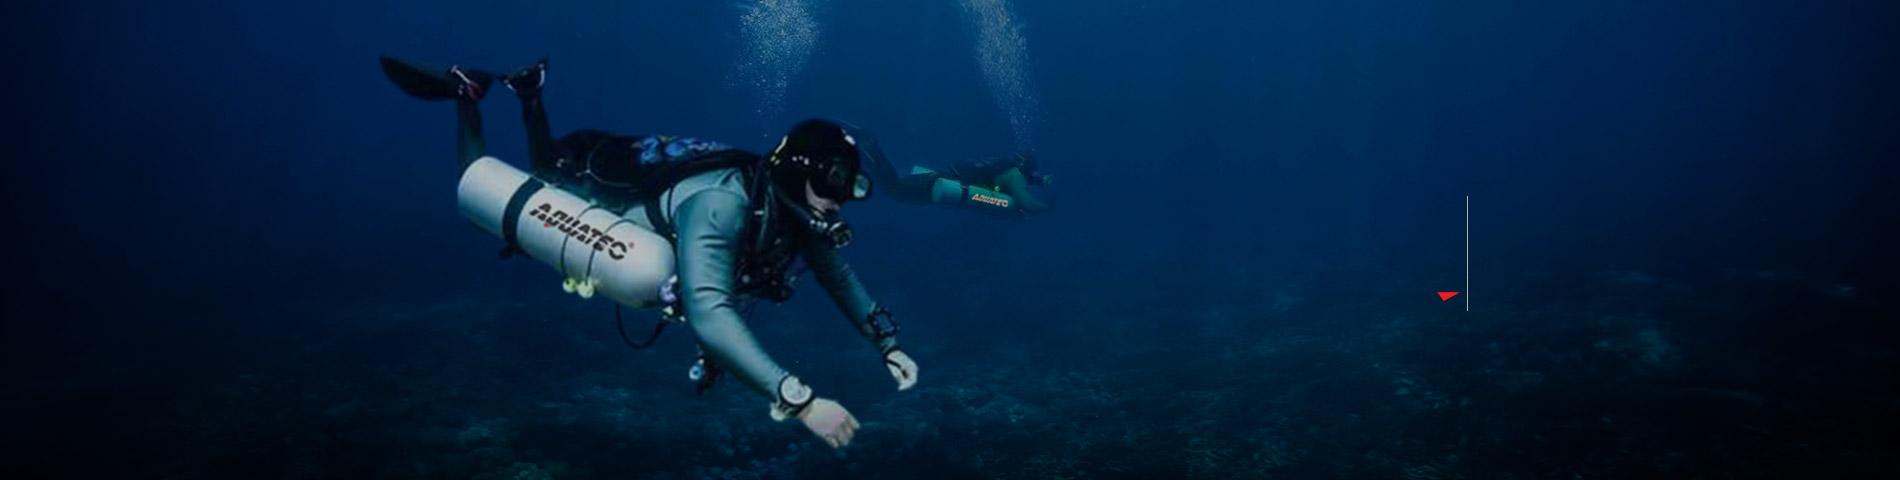 Oppdag AQUATEC Profesjonelt dykkerutstyr